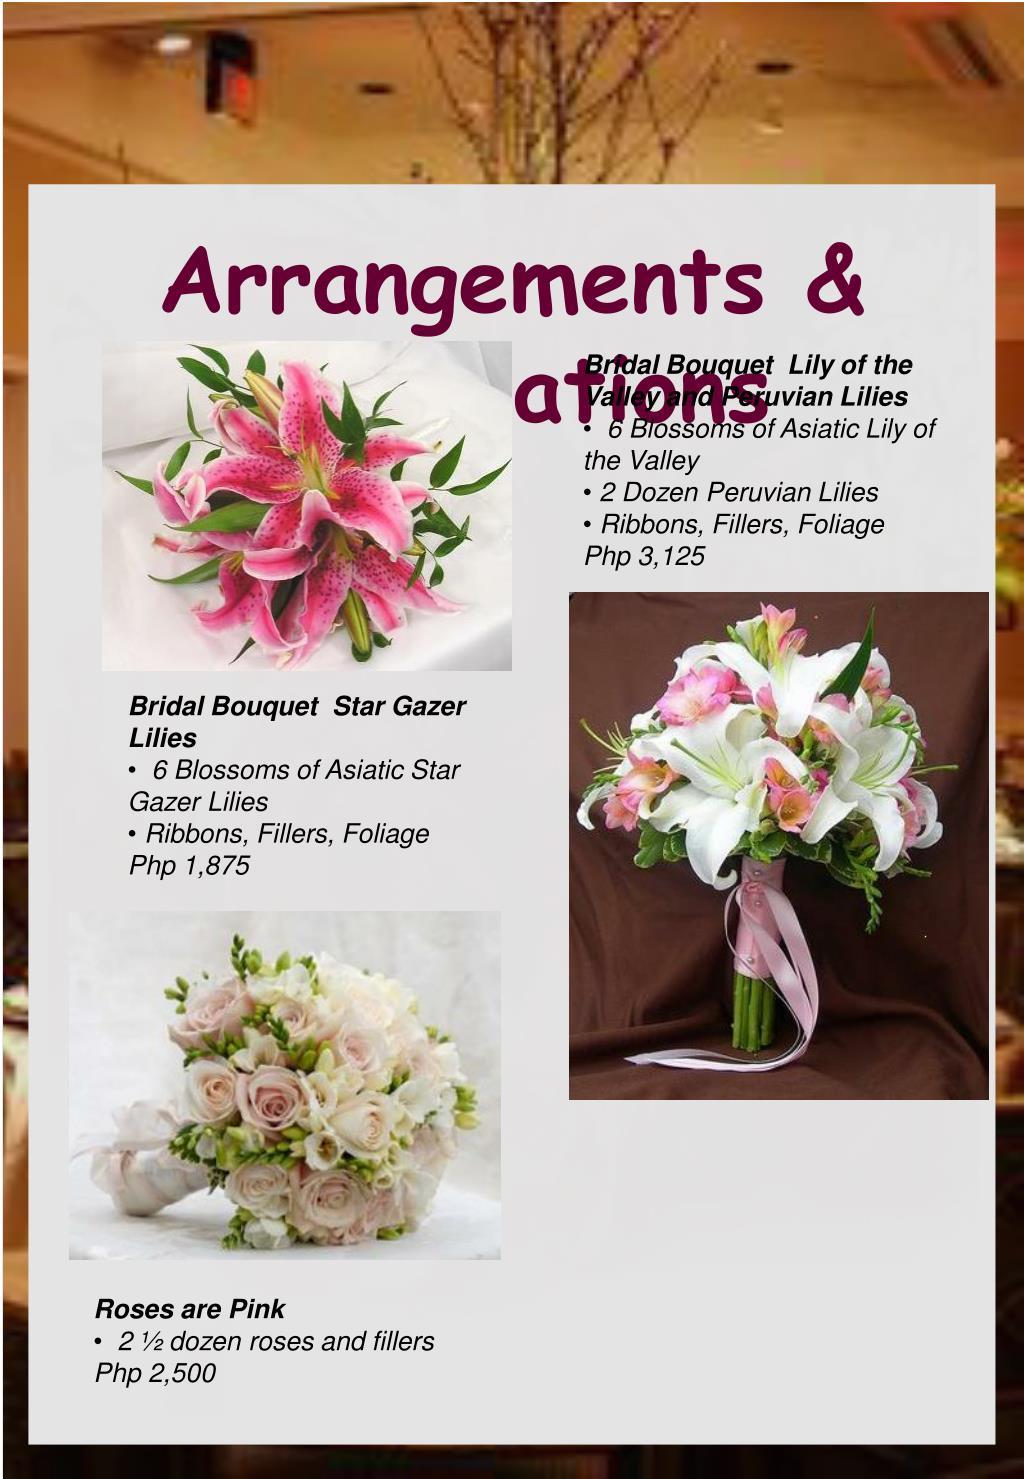 Arrangements & Inspirations